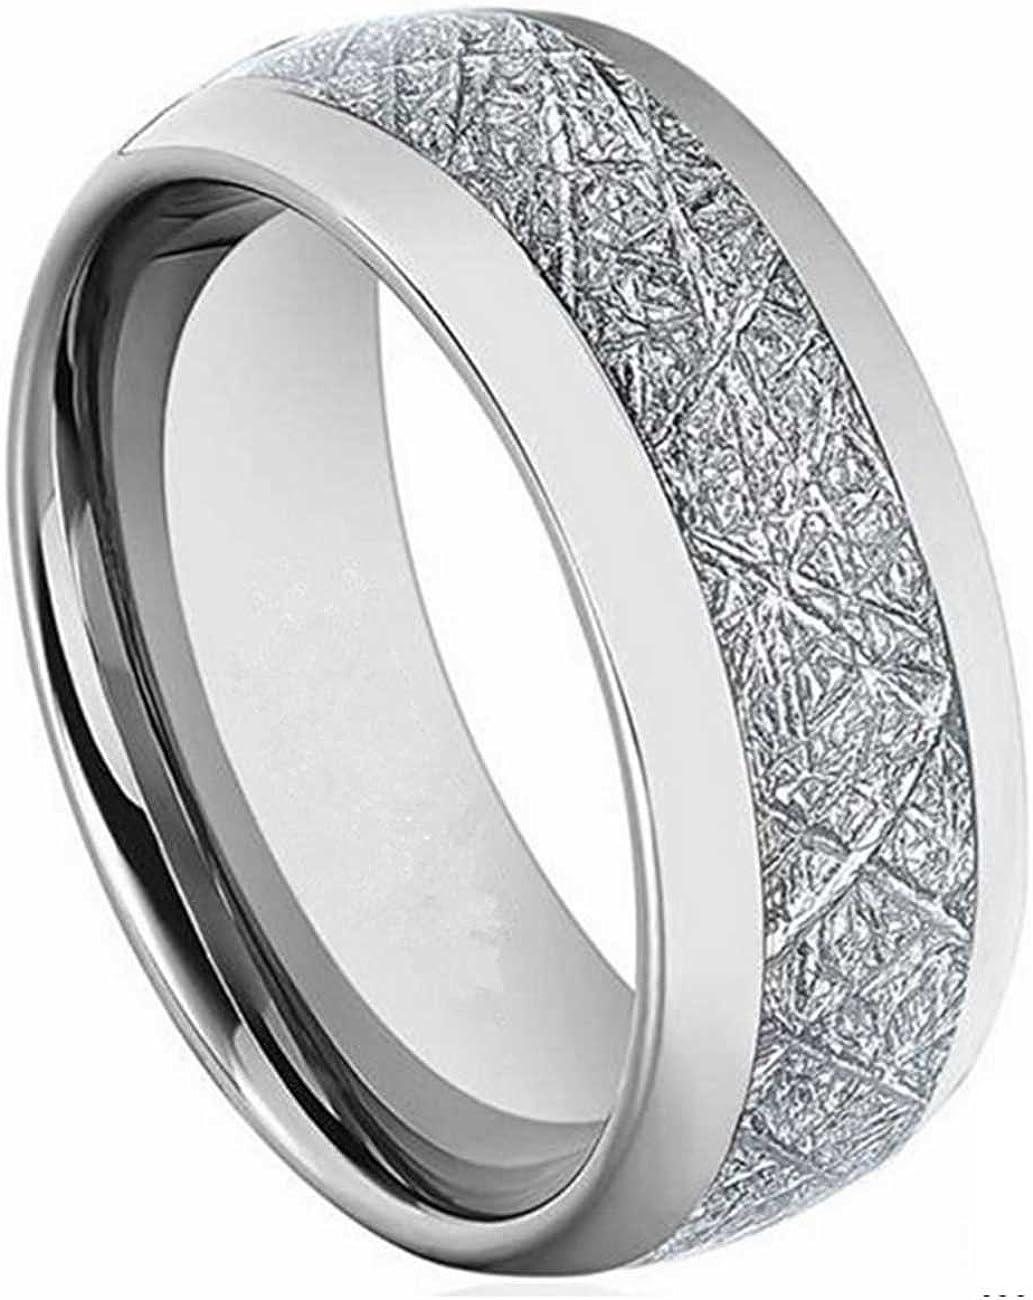 LAMUCH Men Women 8MM Wide Inlaid Silver Carbon Steel Tungsten Ring